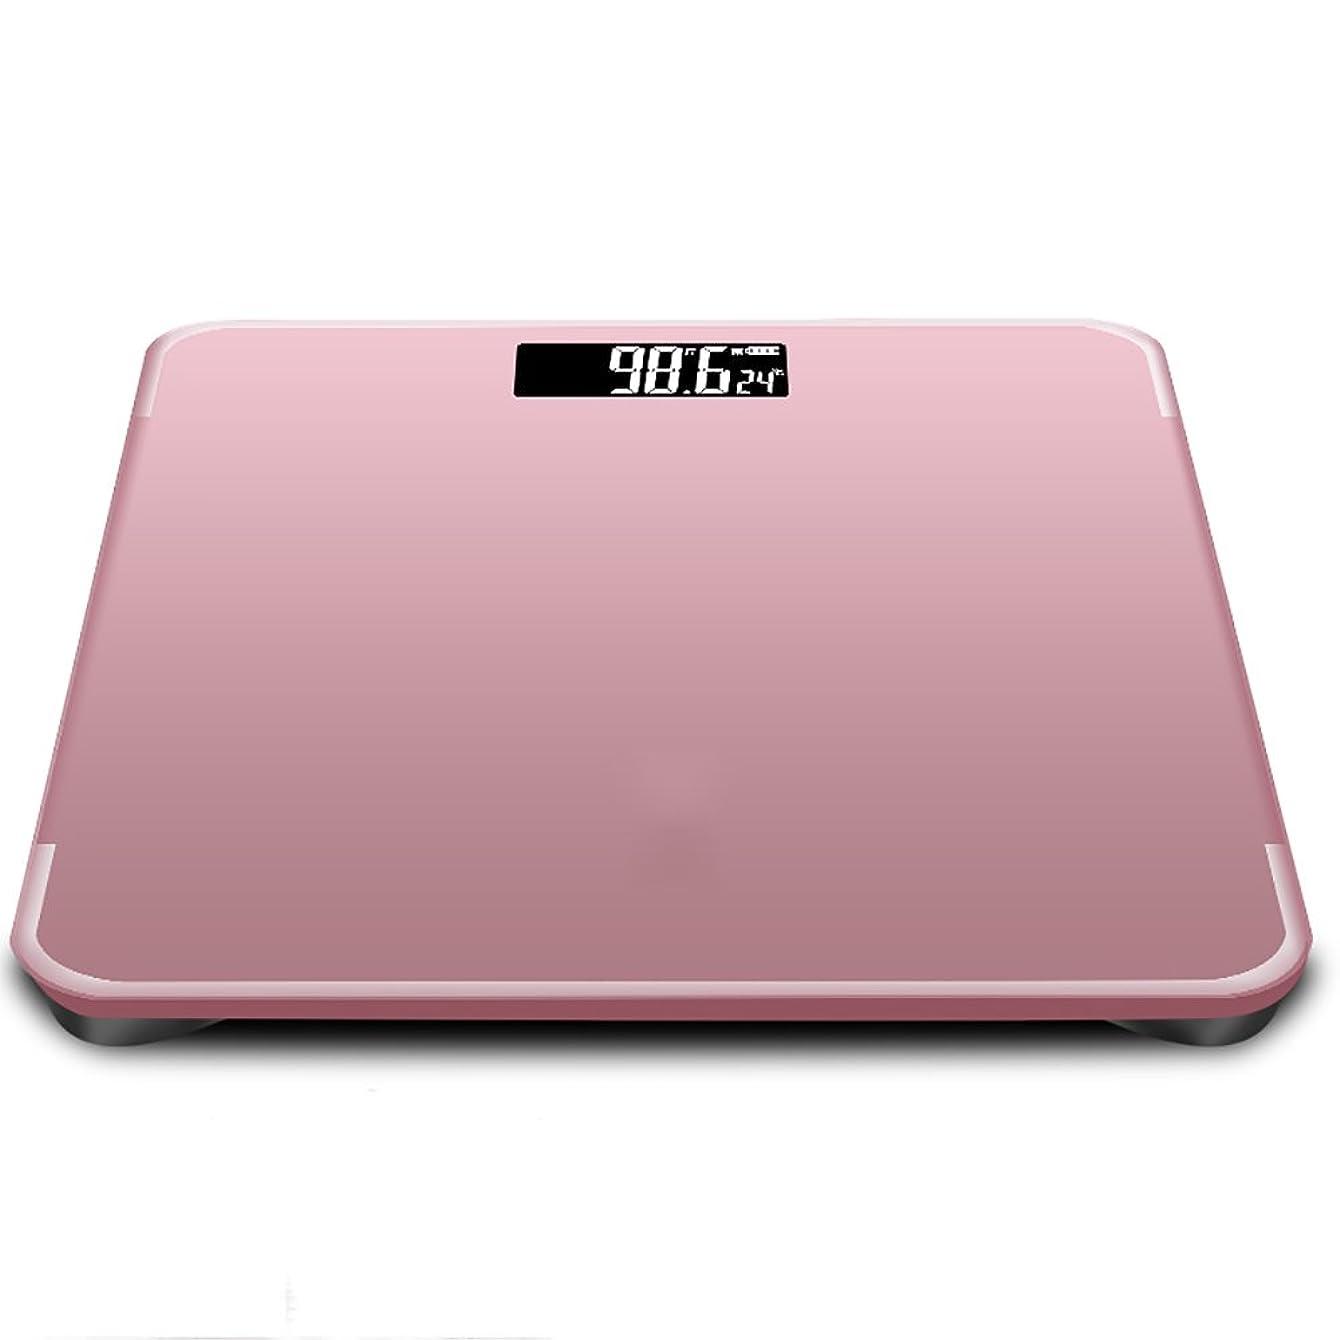 デコラティブカーテン熟達したSYF 体重計 体重計USB電子スケールは、家計の体重計のスケール人間の健康減量体重180キロ300x300x23mmを充電する (色 : Pink)